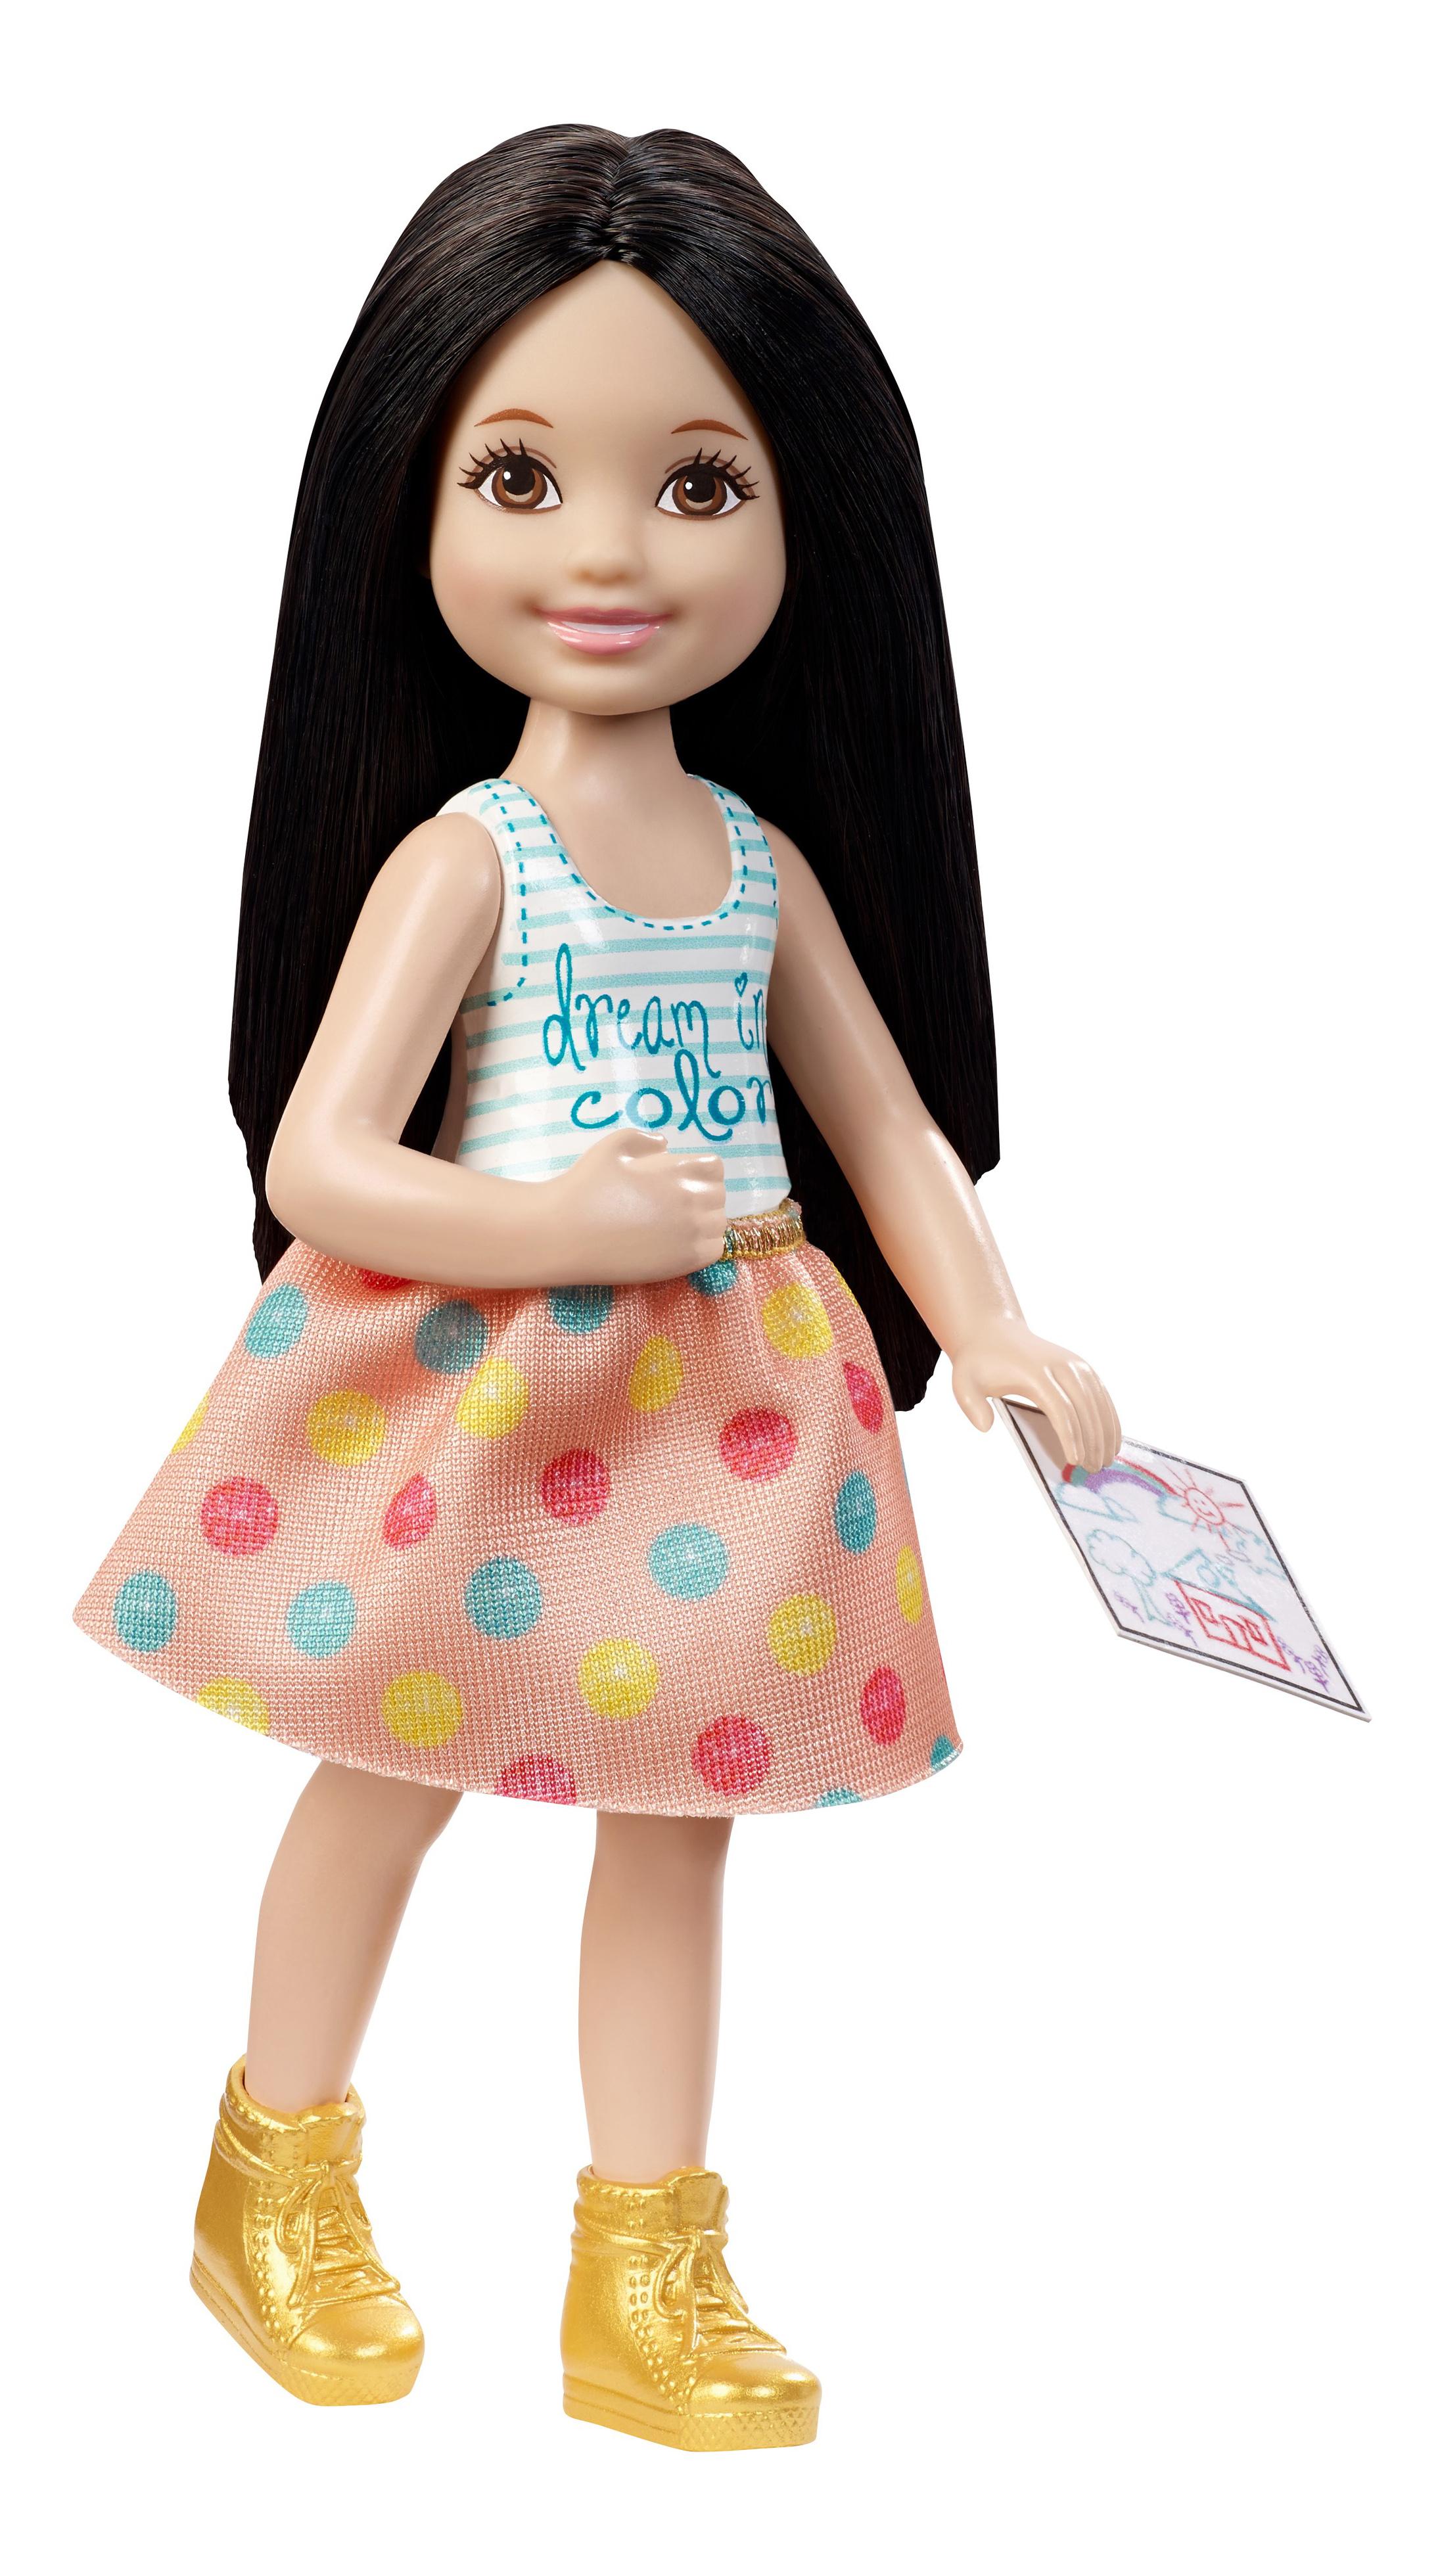 Кукла Barbie Челси DGX40 DGX33